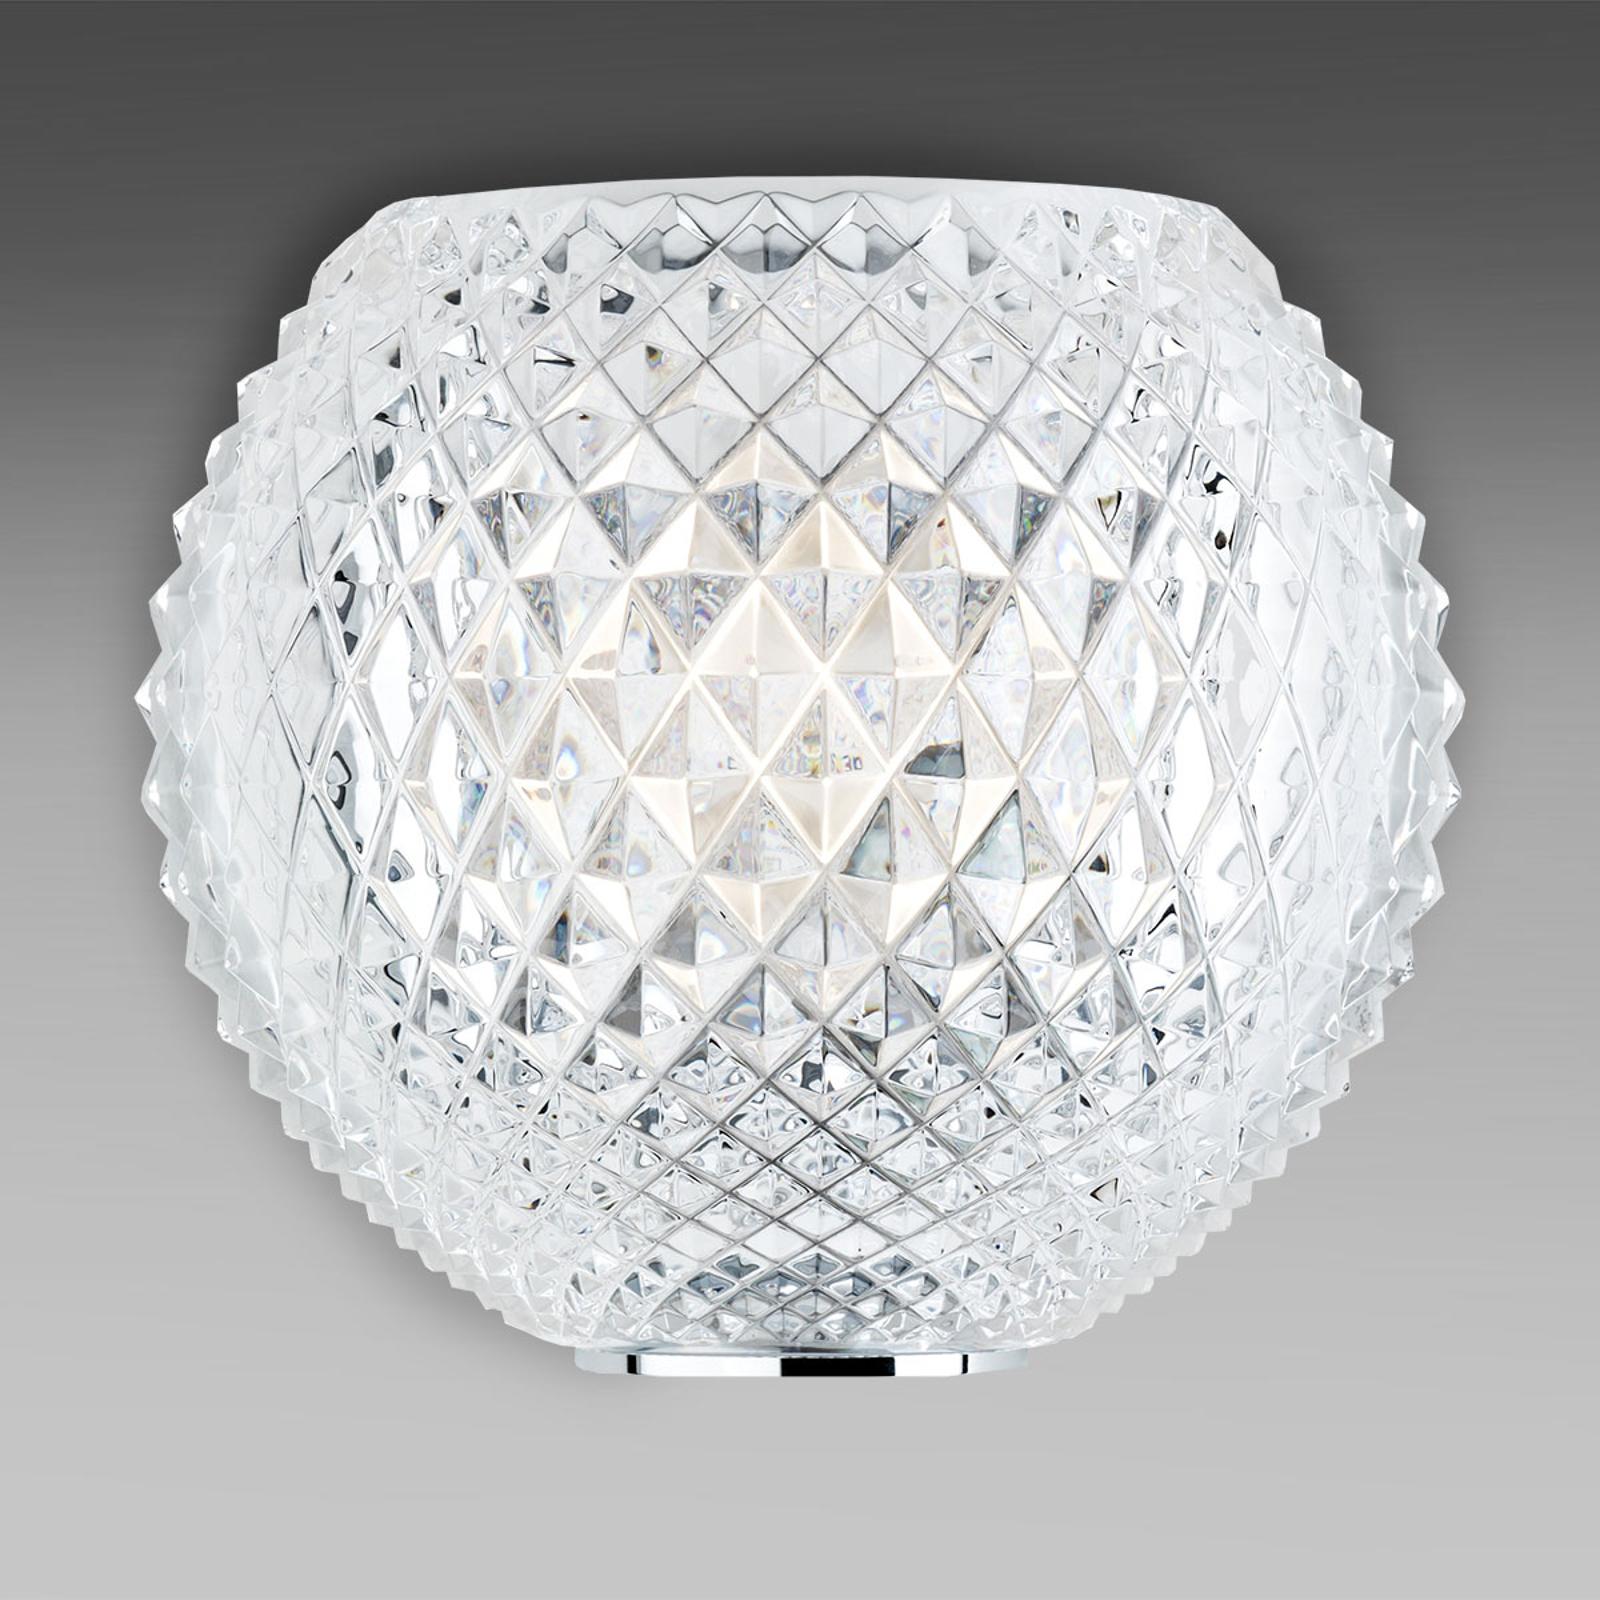 Applique in cristallo decorato Diamond and Swirl